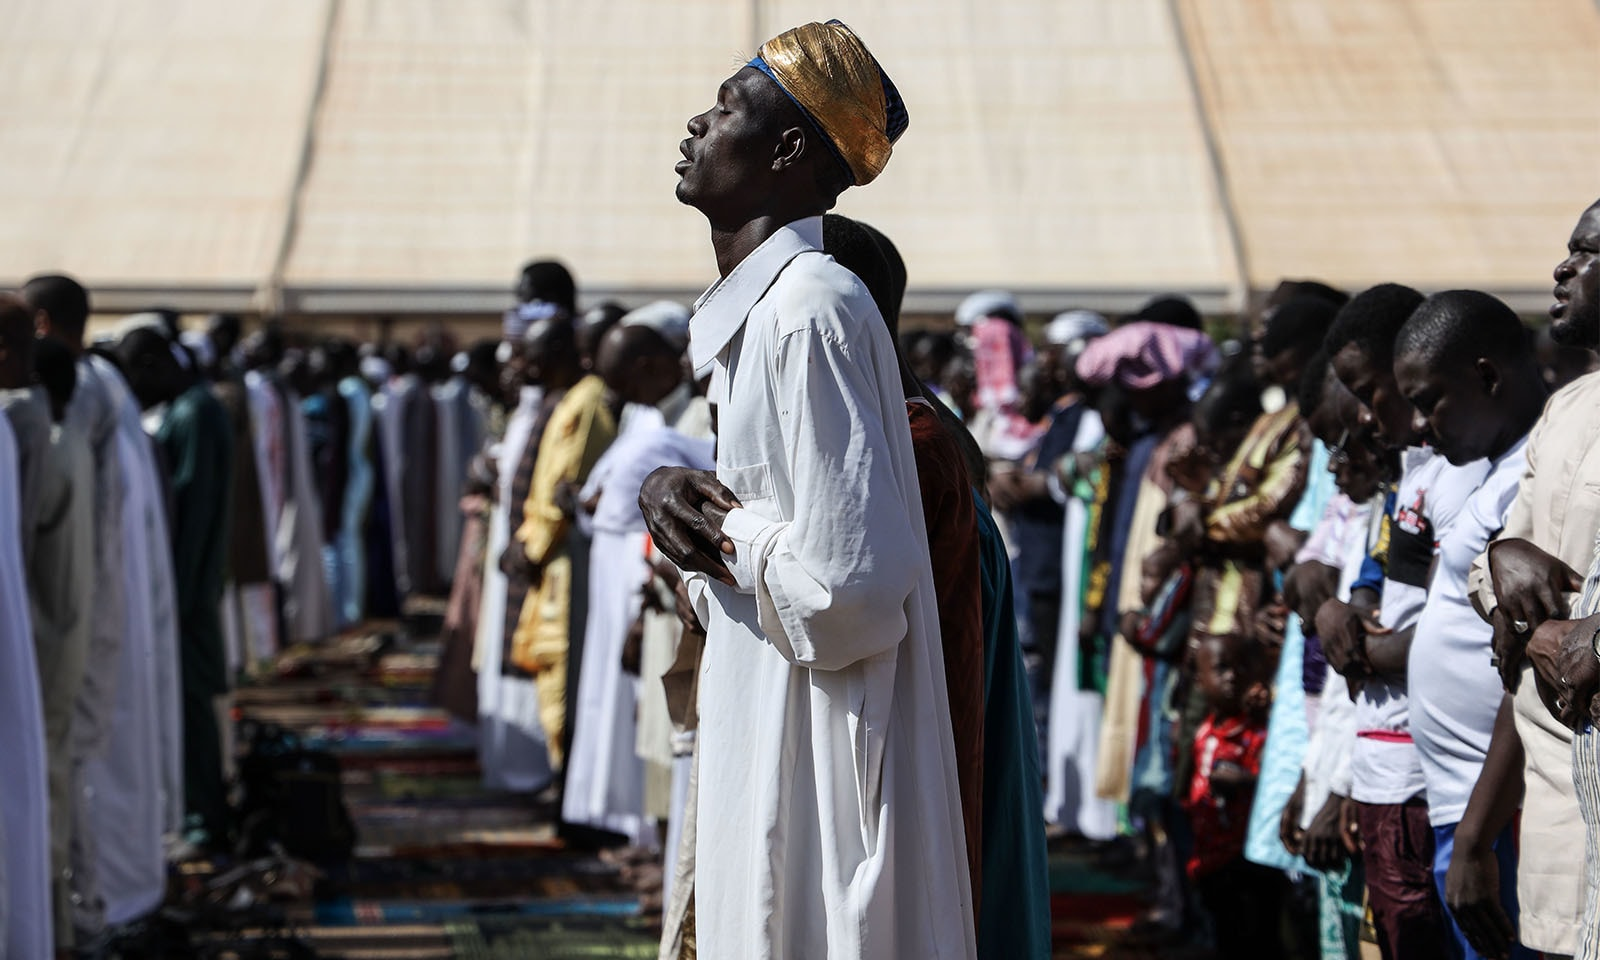 افریفی ممالک میں عید 11 اگست کو سعودی عرب کے ساتھ منائی گئی—تصویر:اے ایف پی